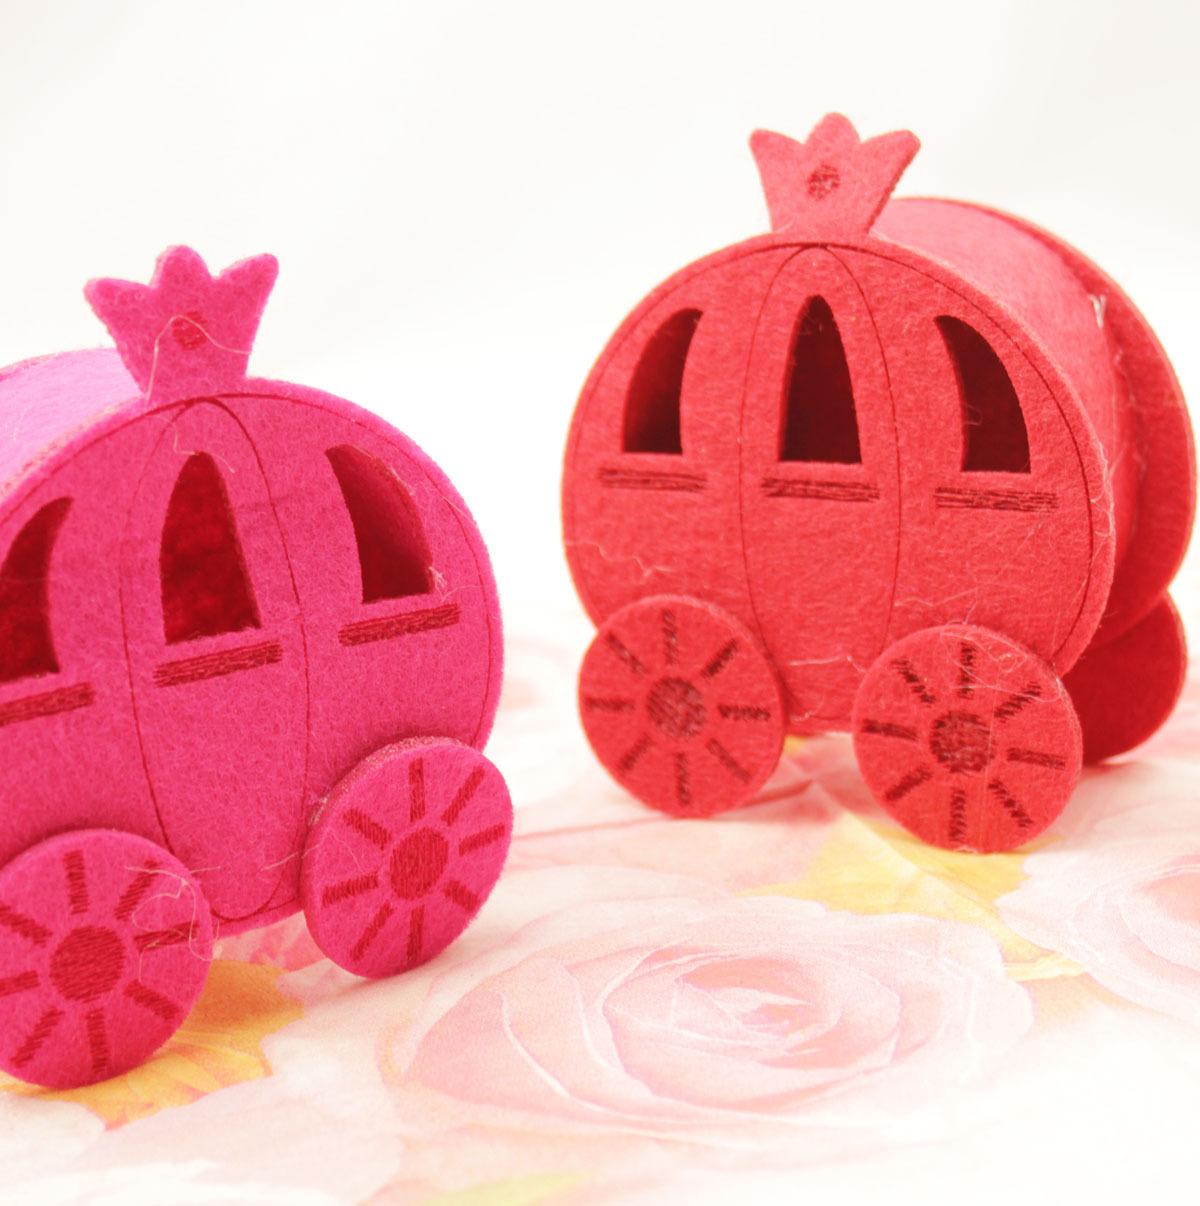 浪漫结婚庆礼喜糖盒 创意童话南瓜马车喜糖袋 个性欧式成品喜糖盒